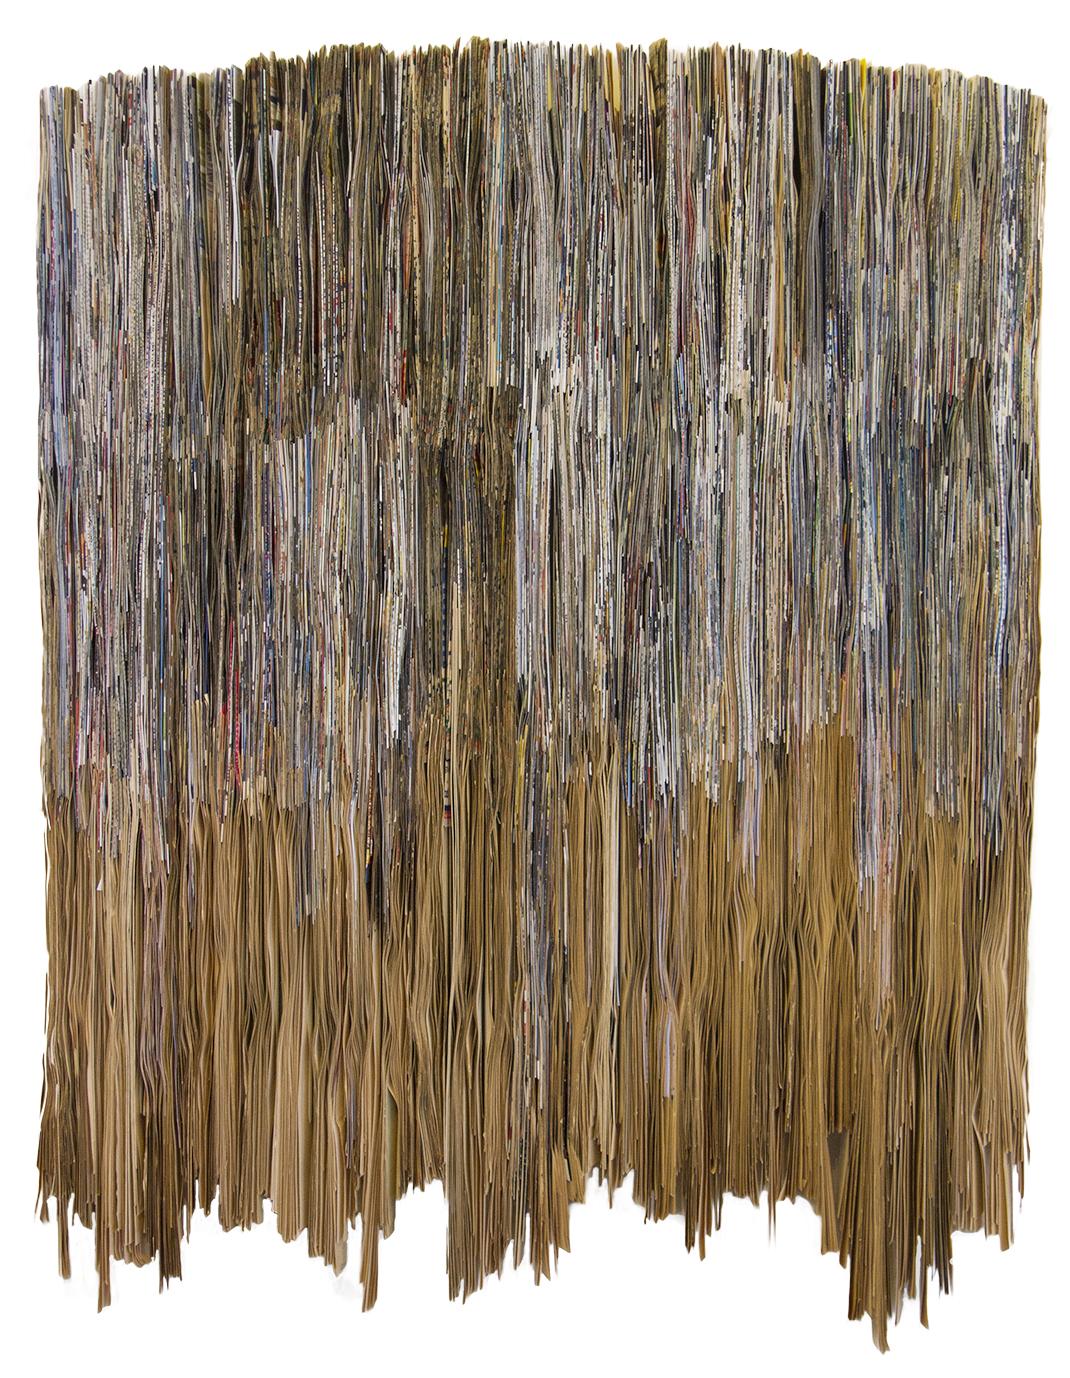 Rain, Folded Paper | 105x80cm,